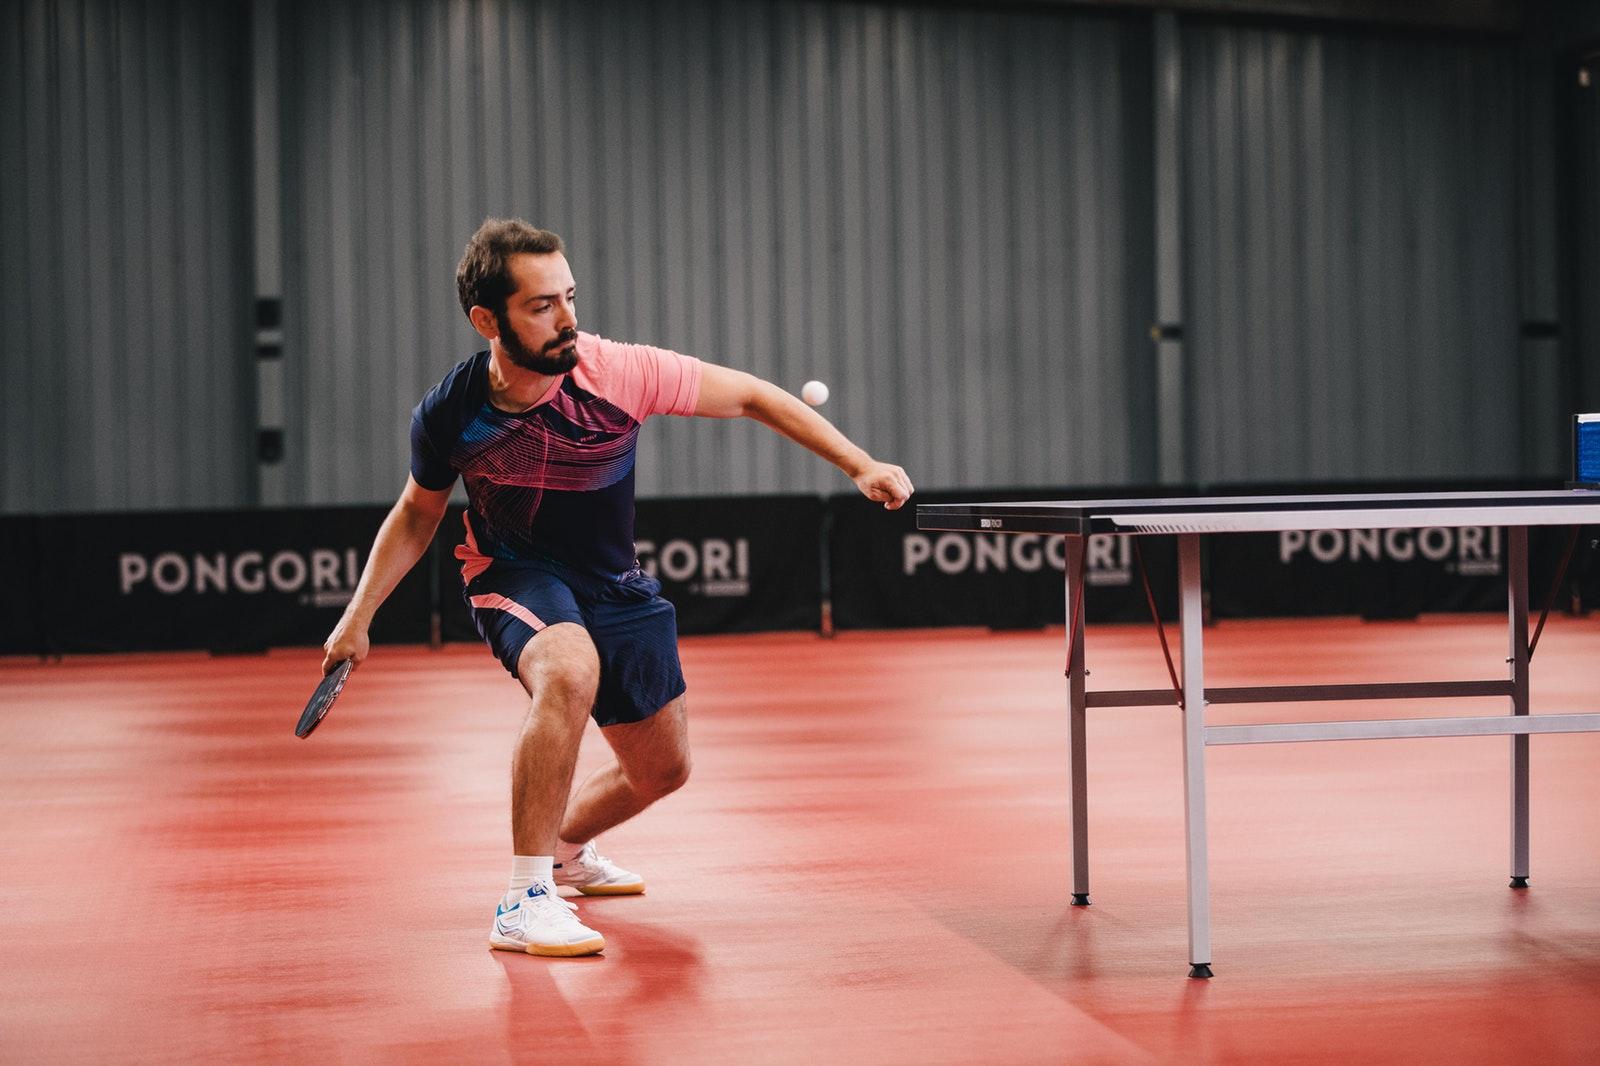 Plakat turnieju Andrzejkowy turniej tenisa stołowego w Warszawie